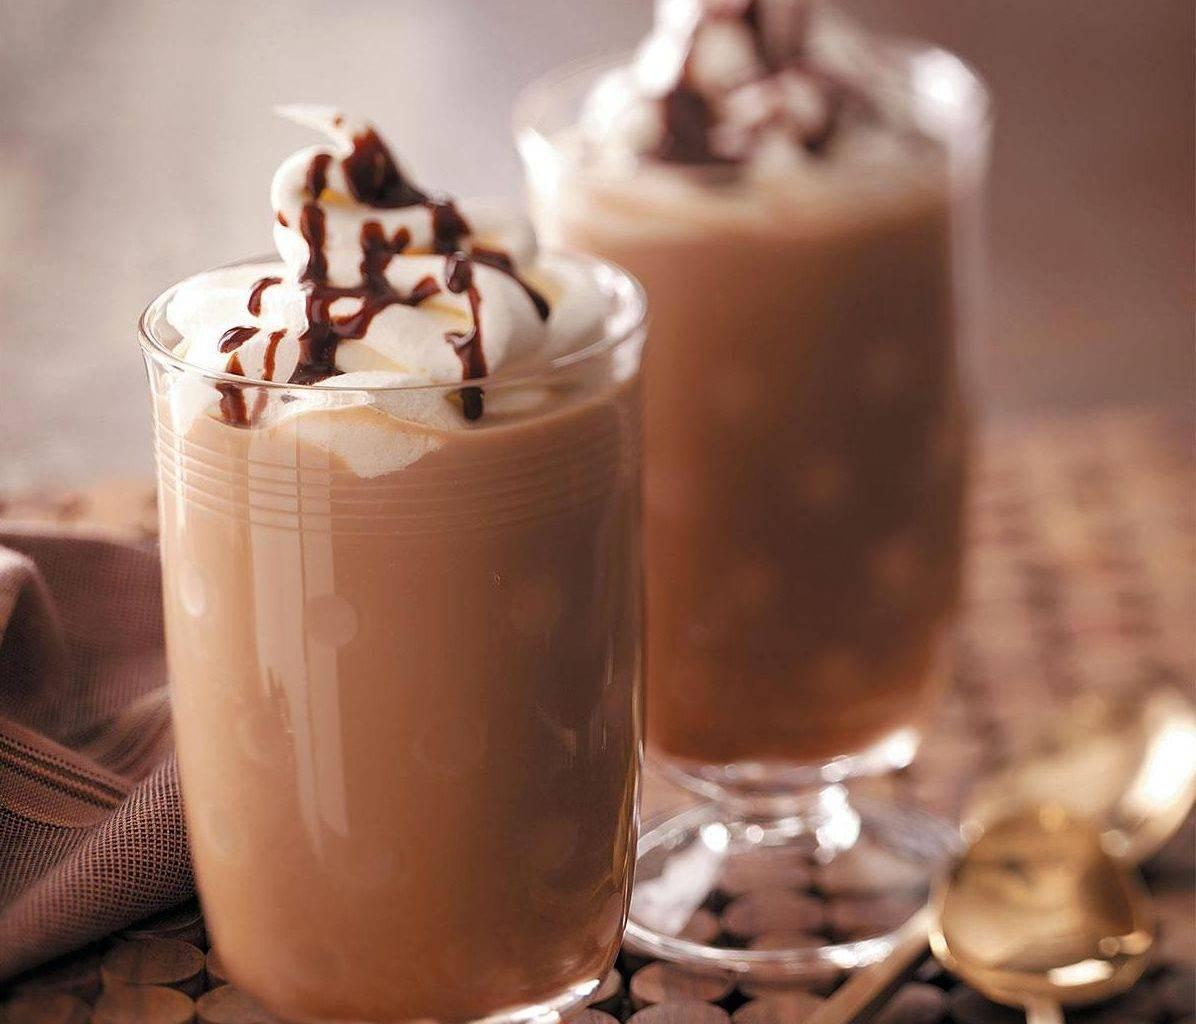 Кофе фраппе: что это, рецепт приготовления, калорийность